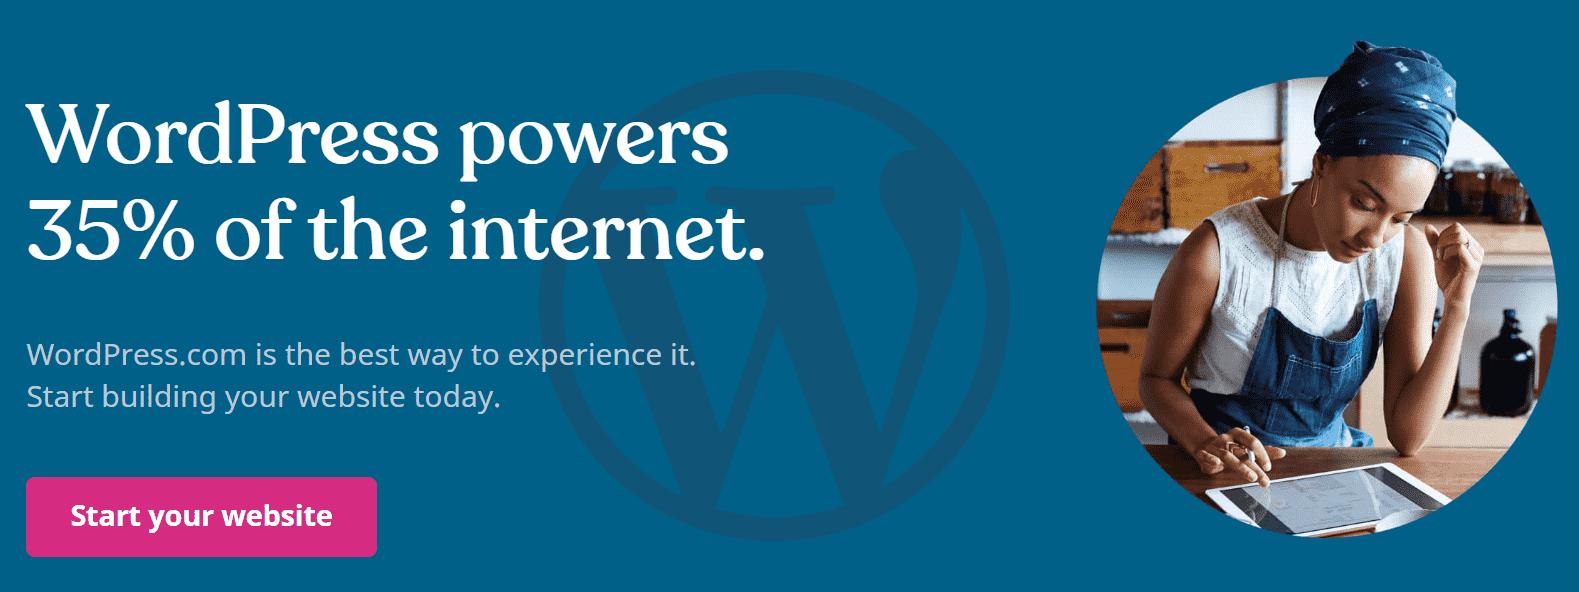 wp.com acerca de